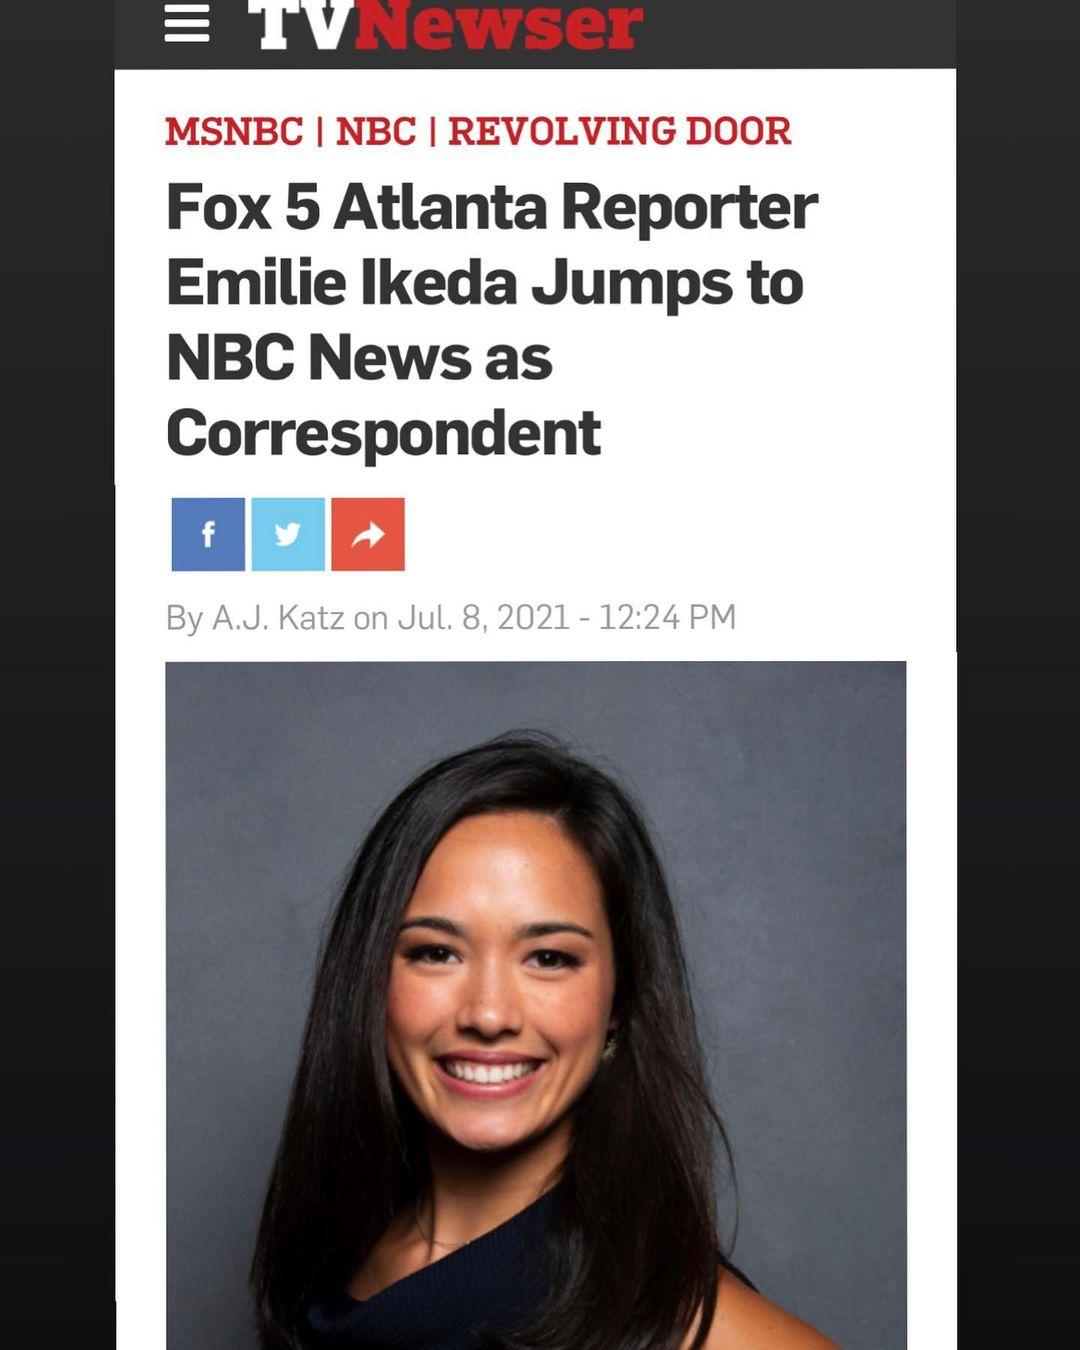 Emilie Ikeda joins NBX News